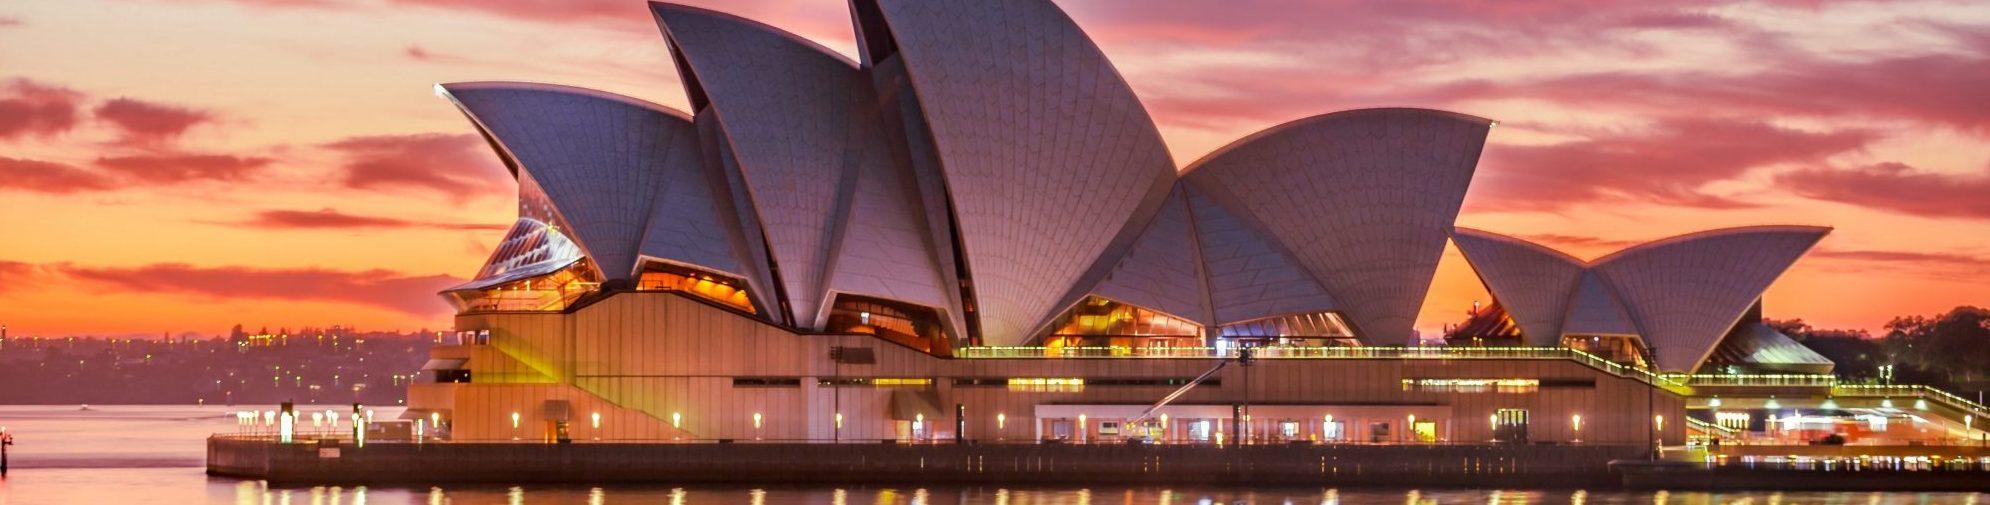 vacatures vakantiewerk Australië